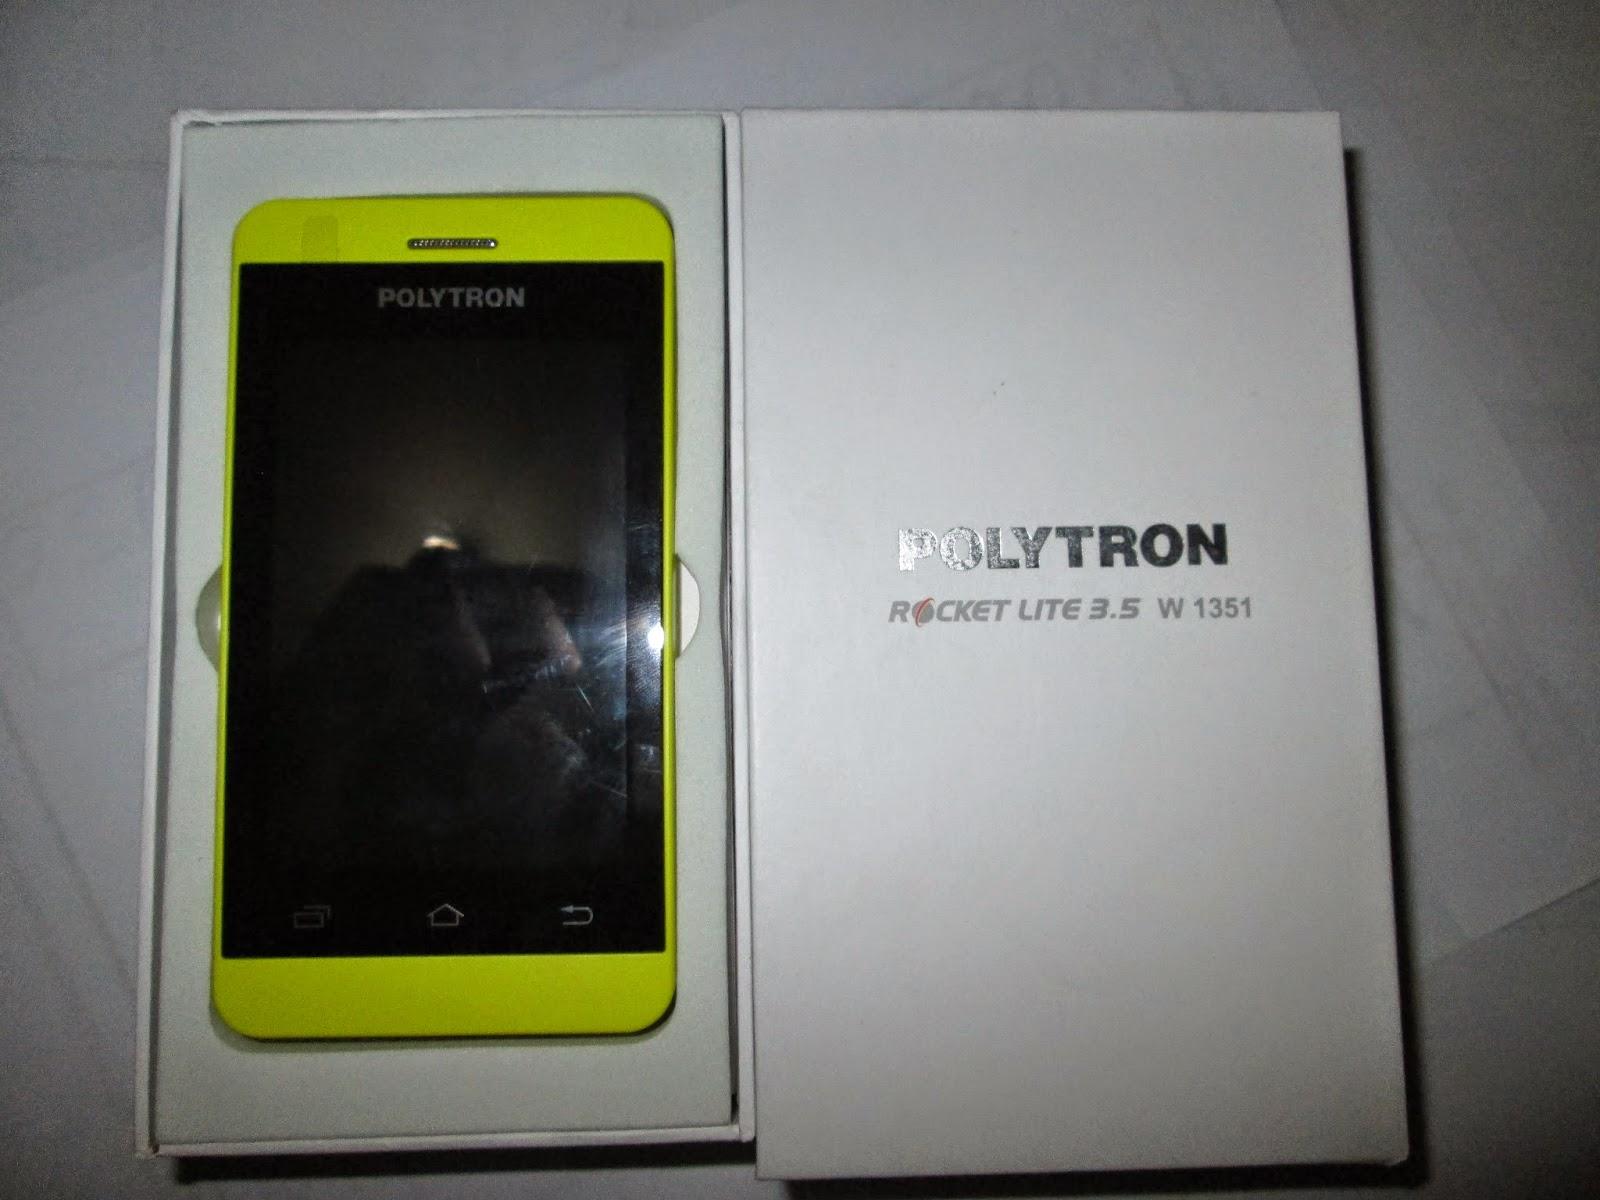 Harga Jual Lcd Polytron Rocket Gambar Spesifikasi Dan S2350 Smartphone Android Lite 35 W 1351